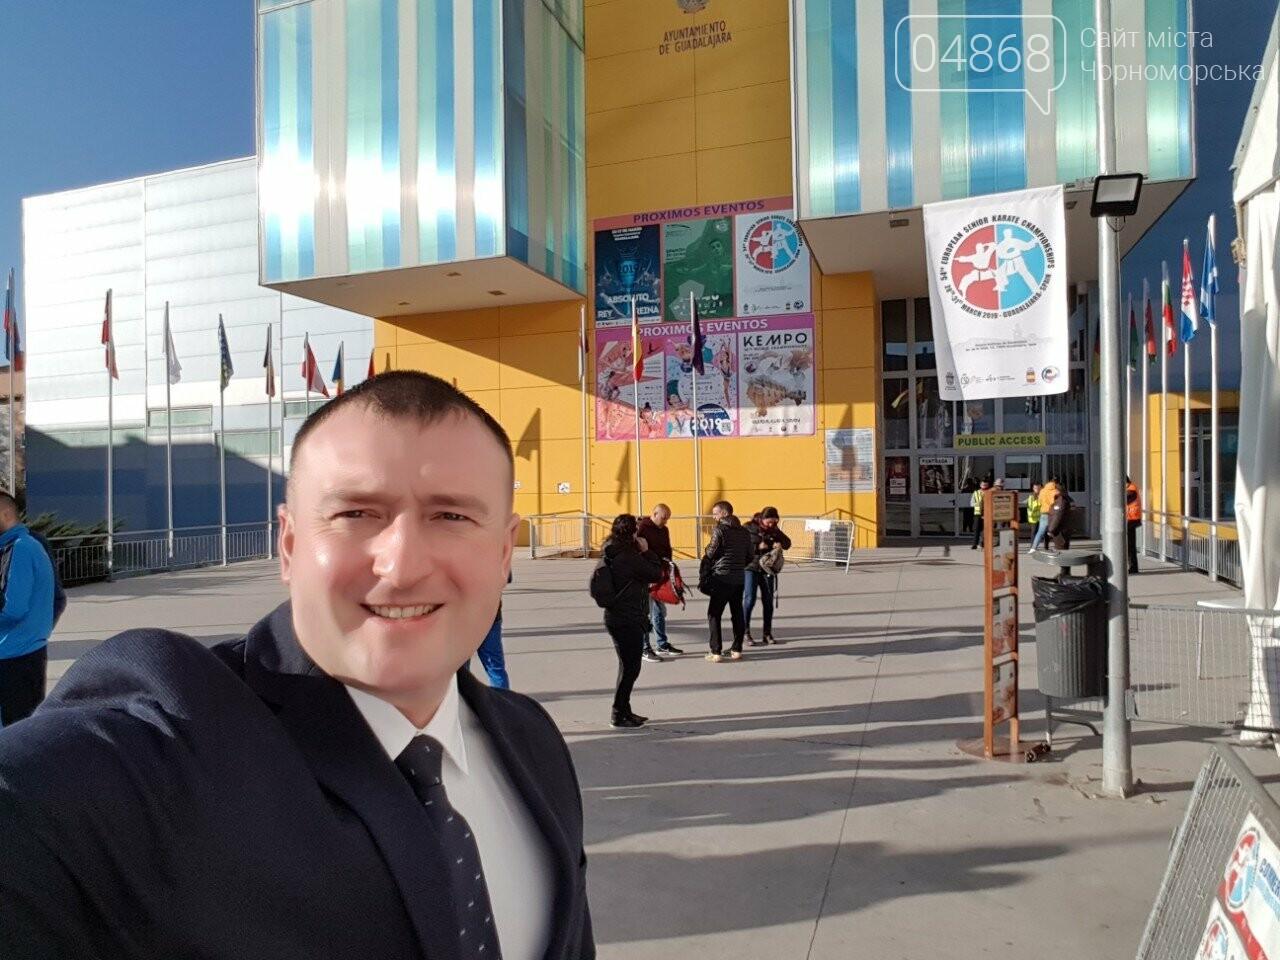 Сборная Украины по карате вышла в финал Чемпионата Европы, фото-5